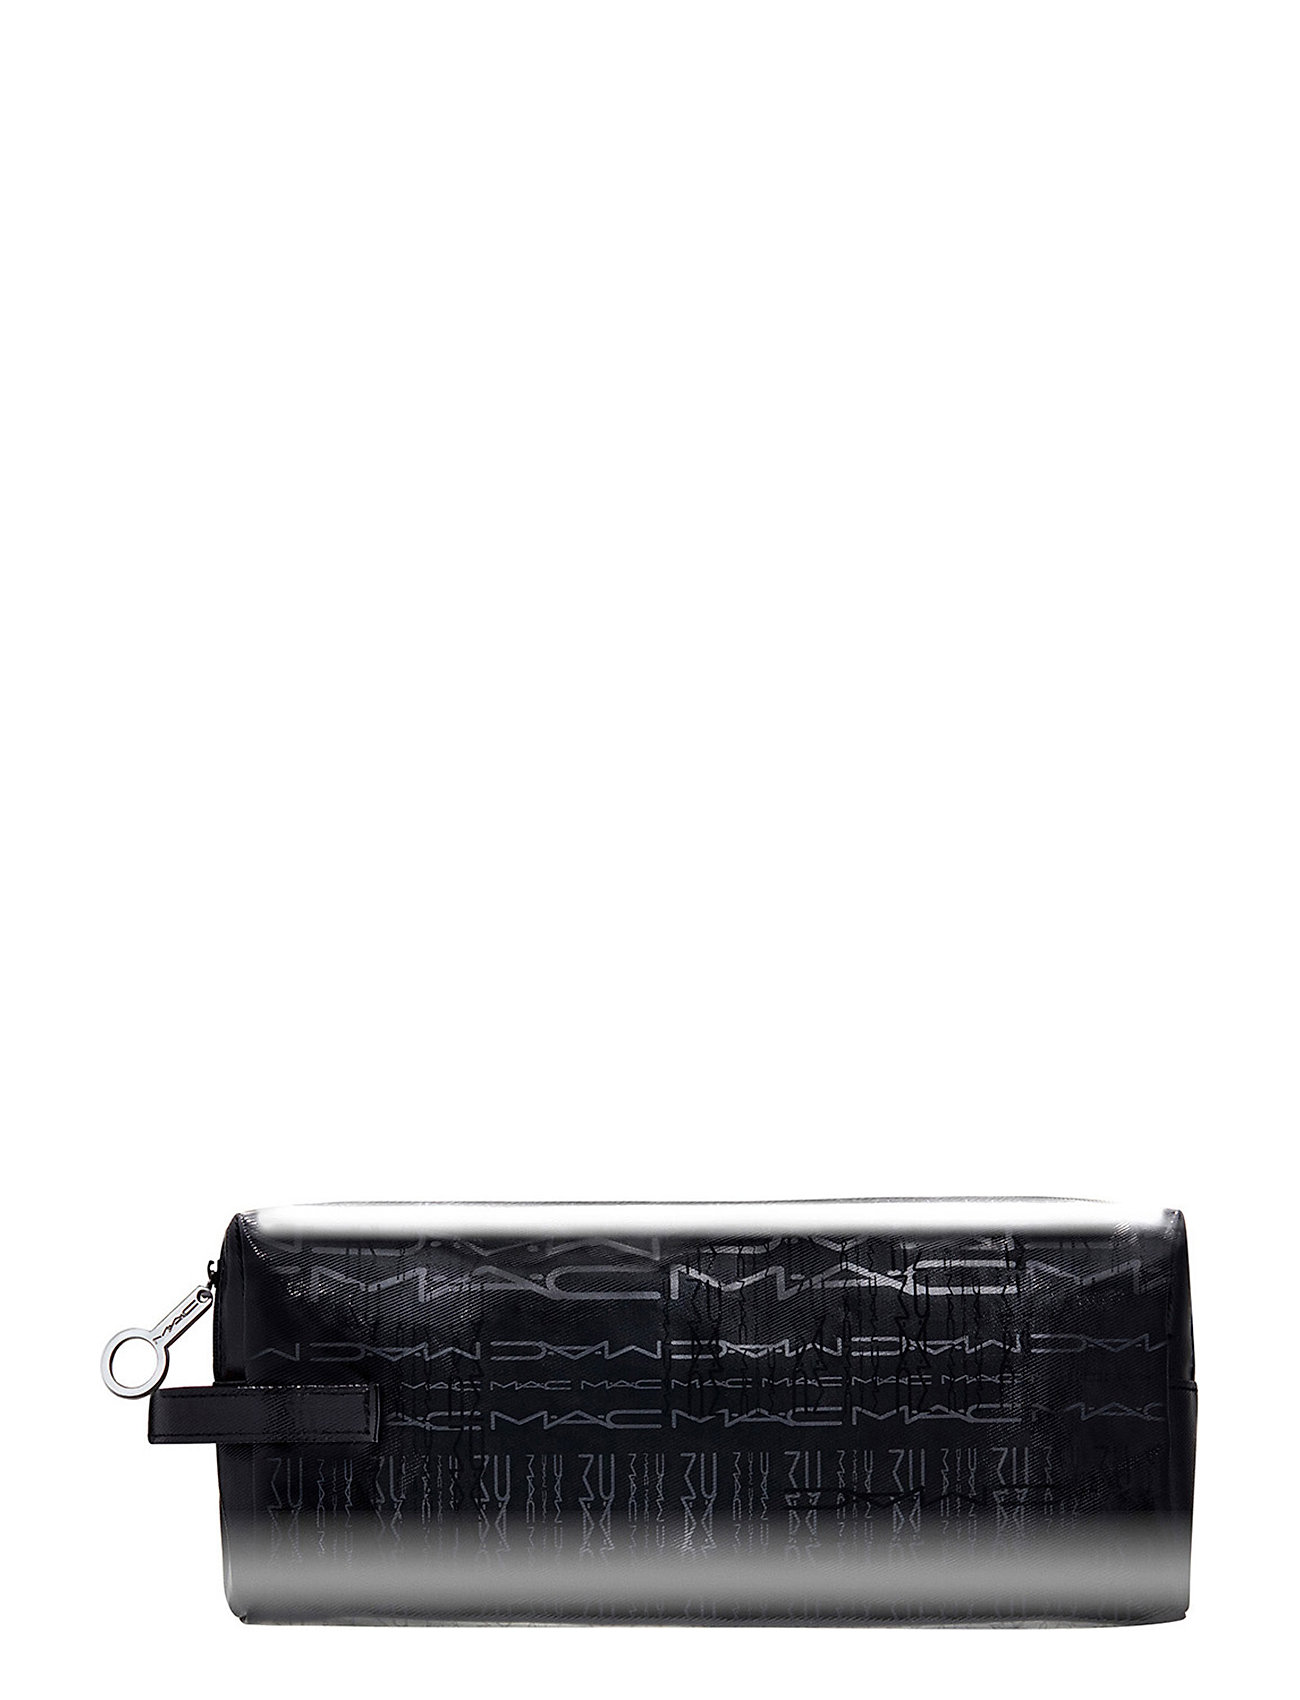 Image of Bags Signature - Rectangle/Medium (3067517527)